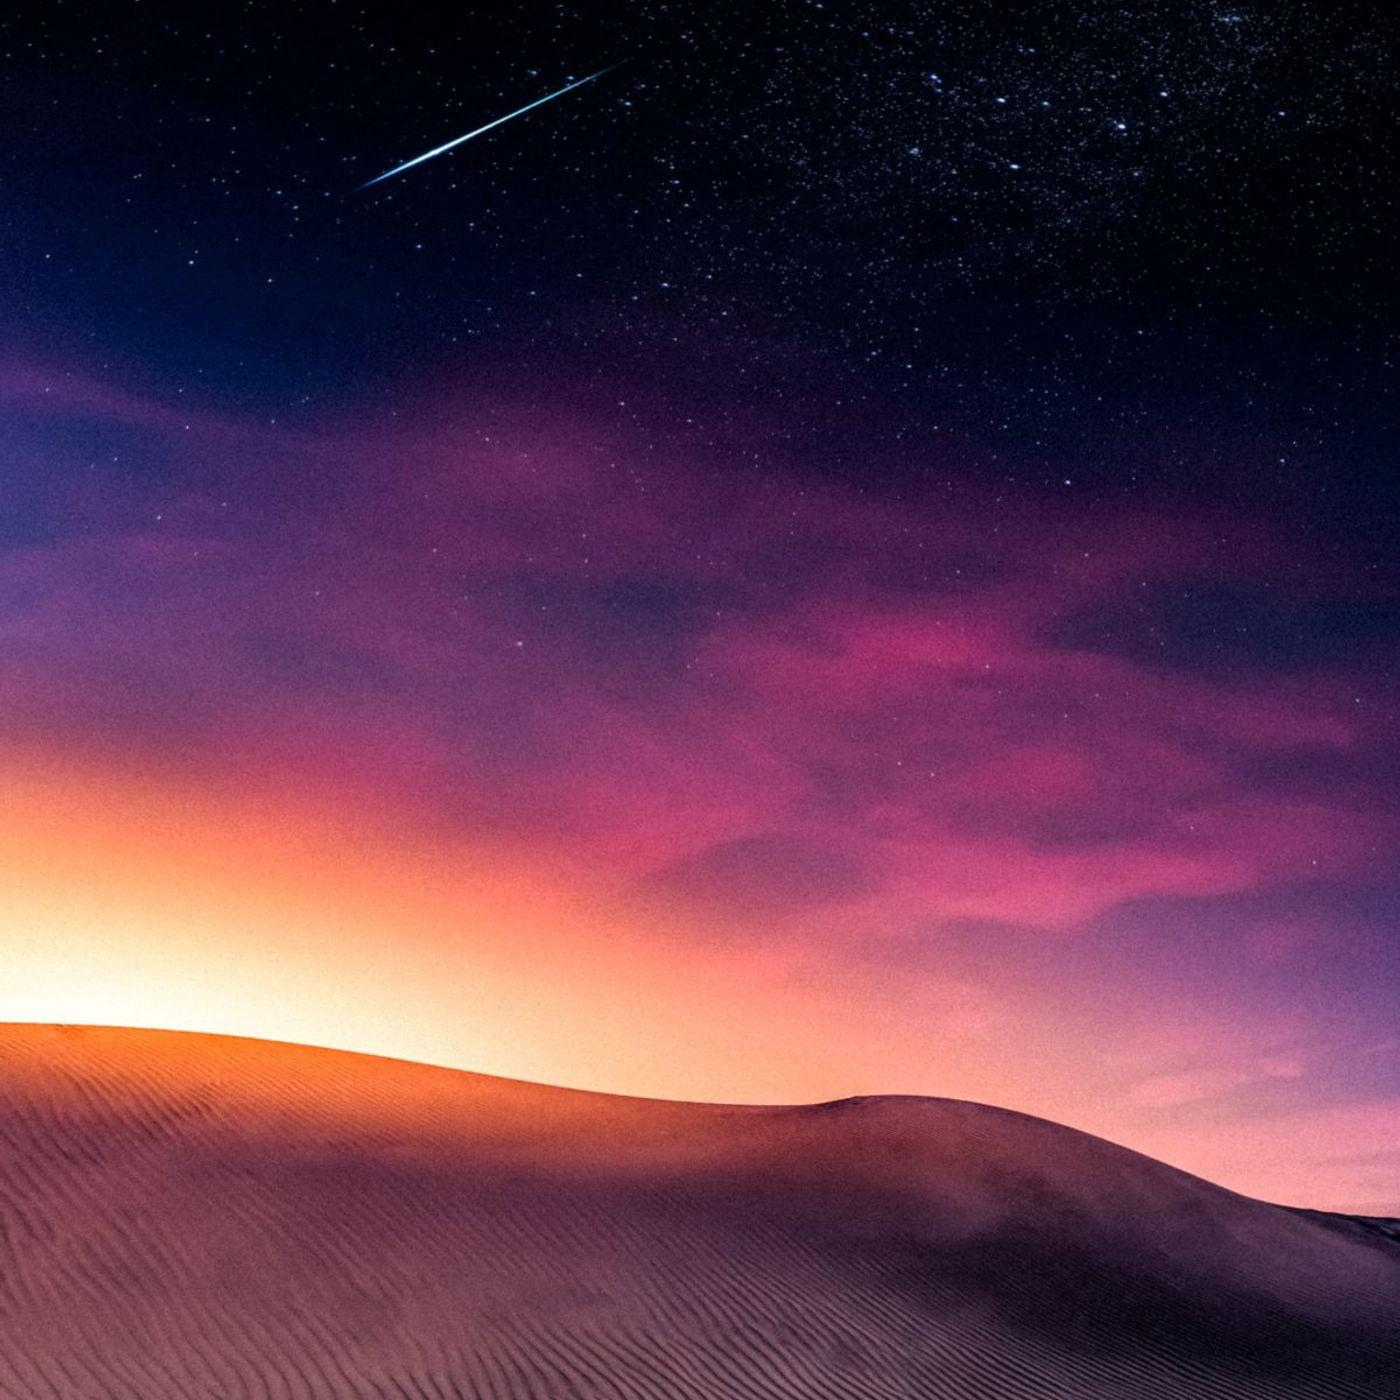 Racconti dal libro: Creatura di sabbia